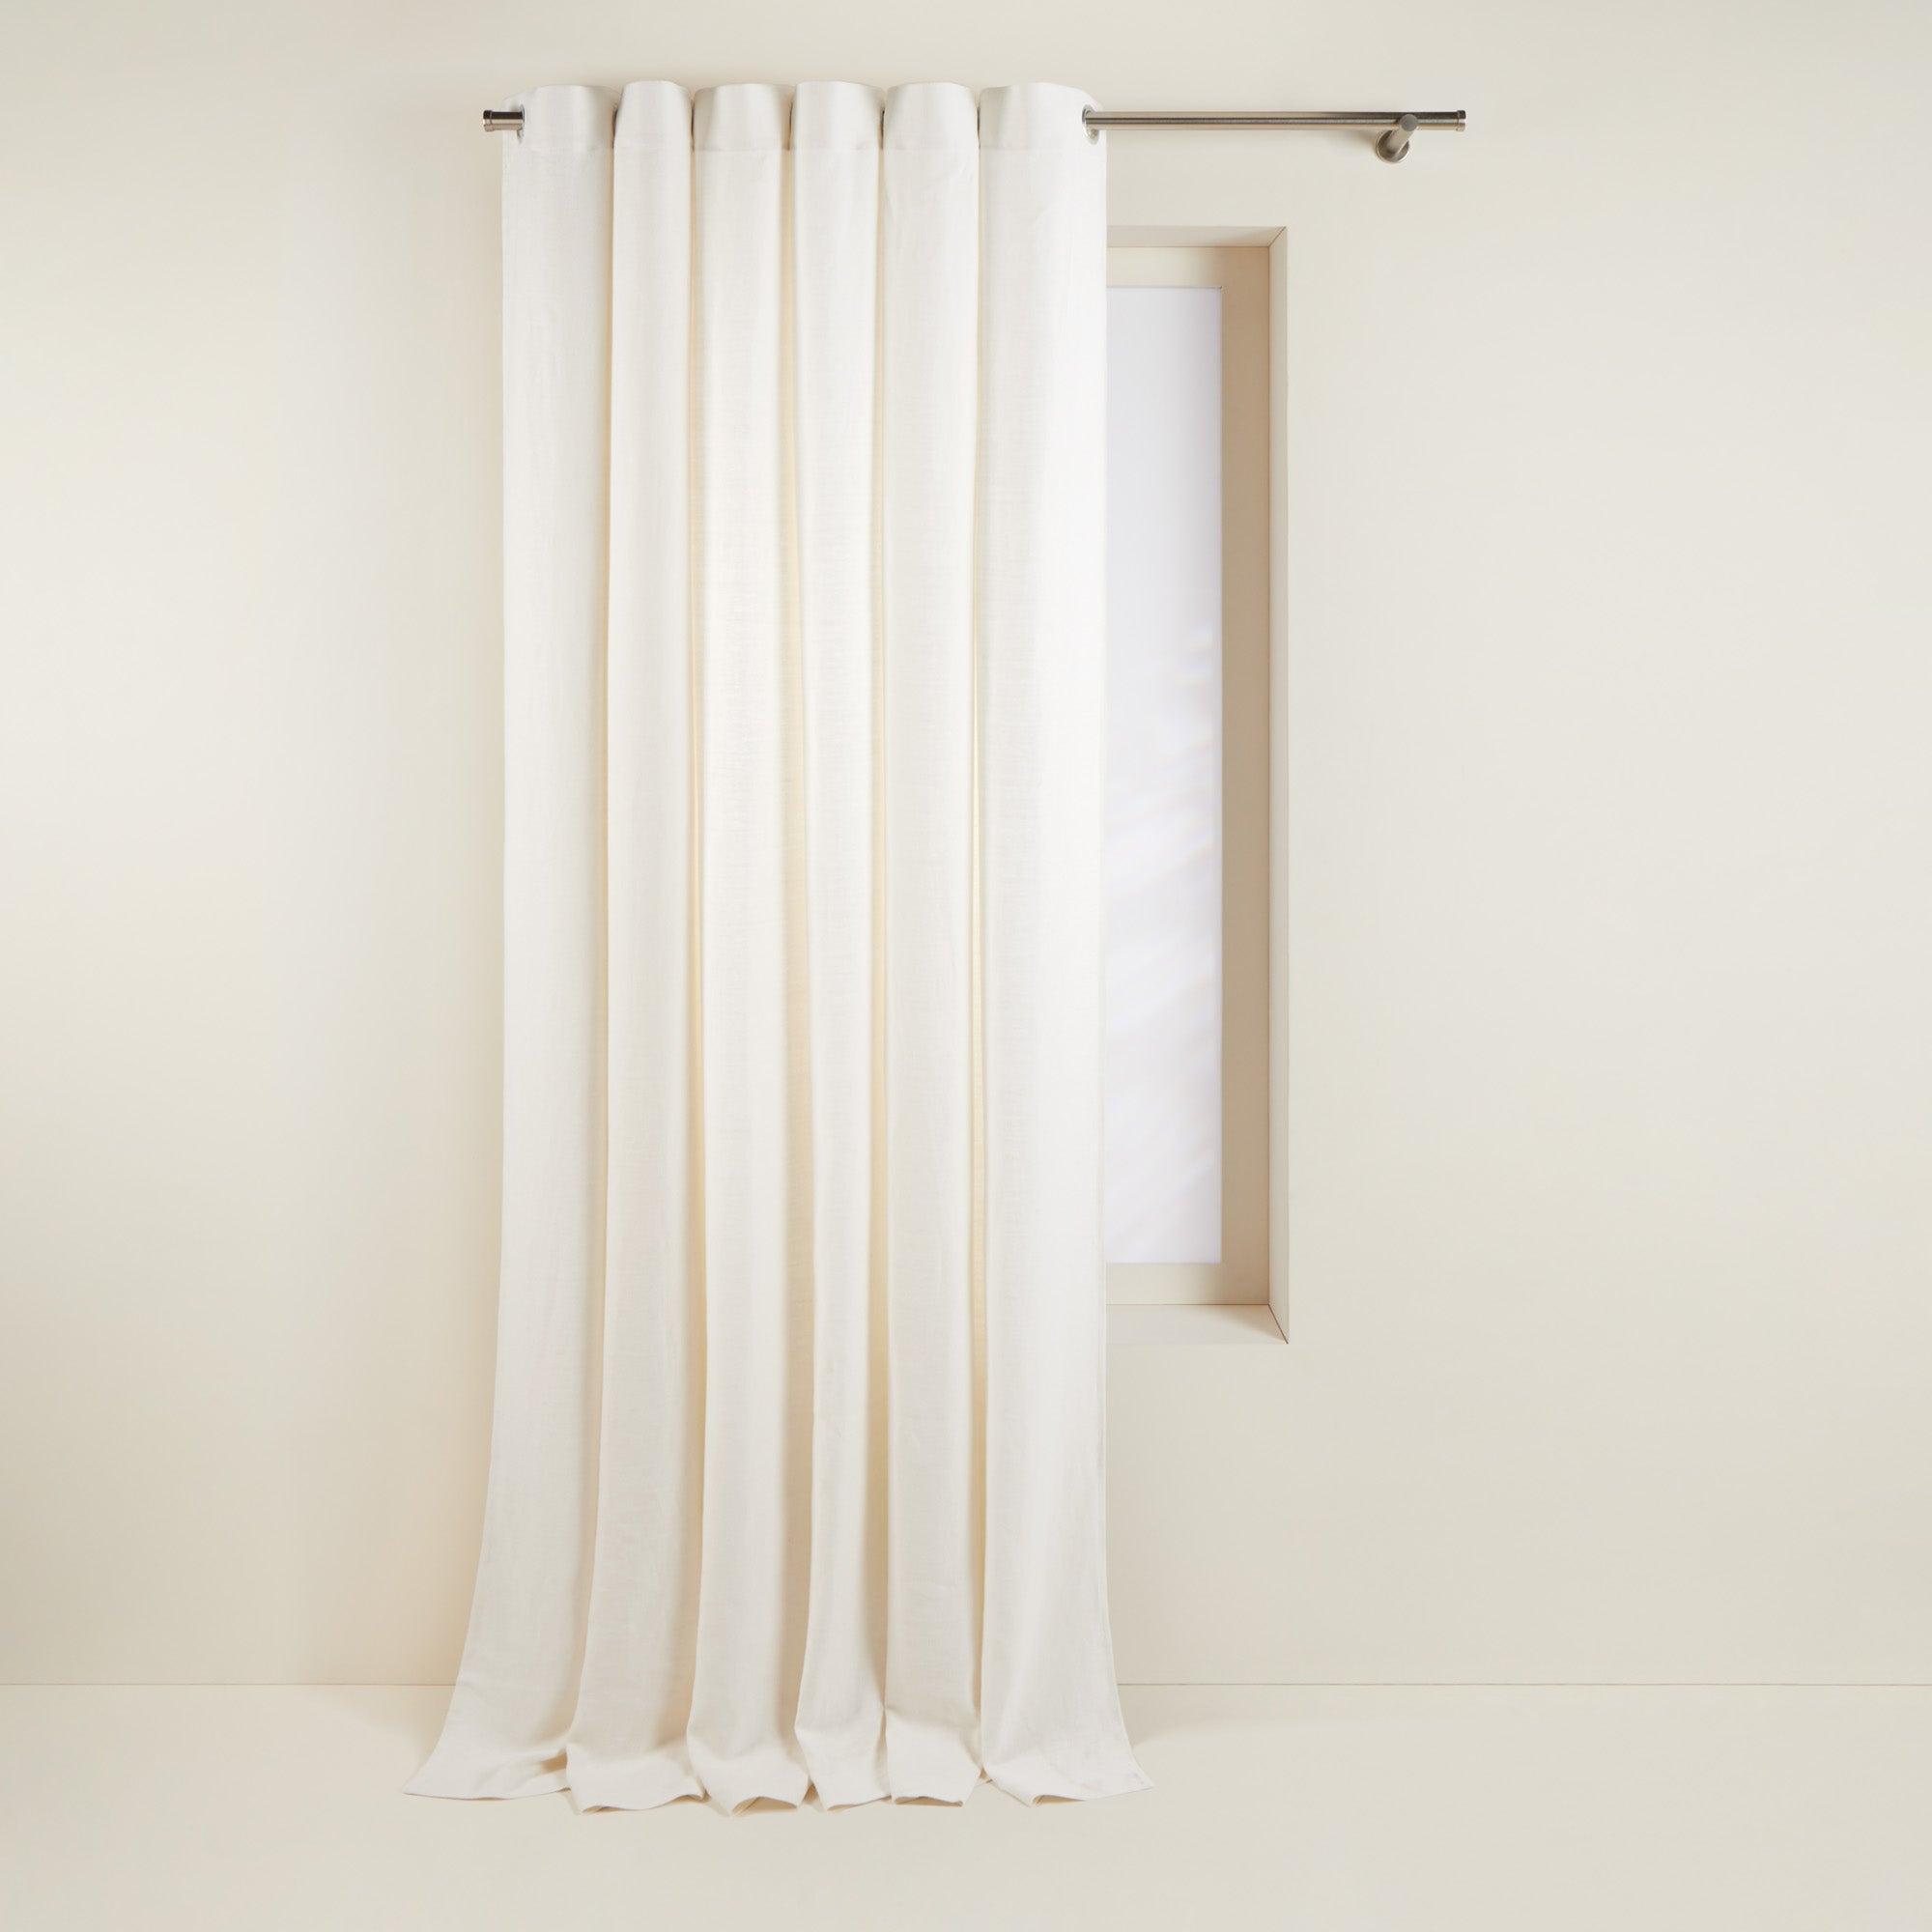 Rideau à oeillets 200x275 cm Blanc en Lin